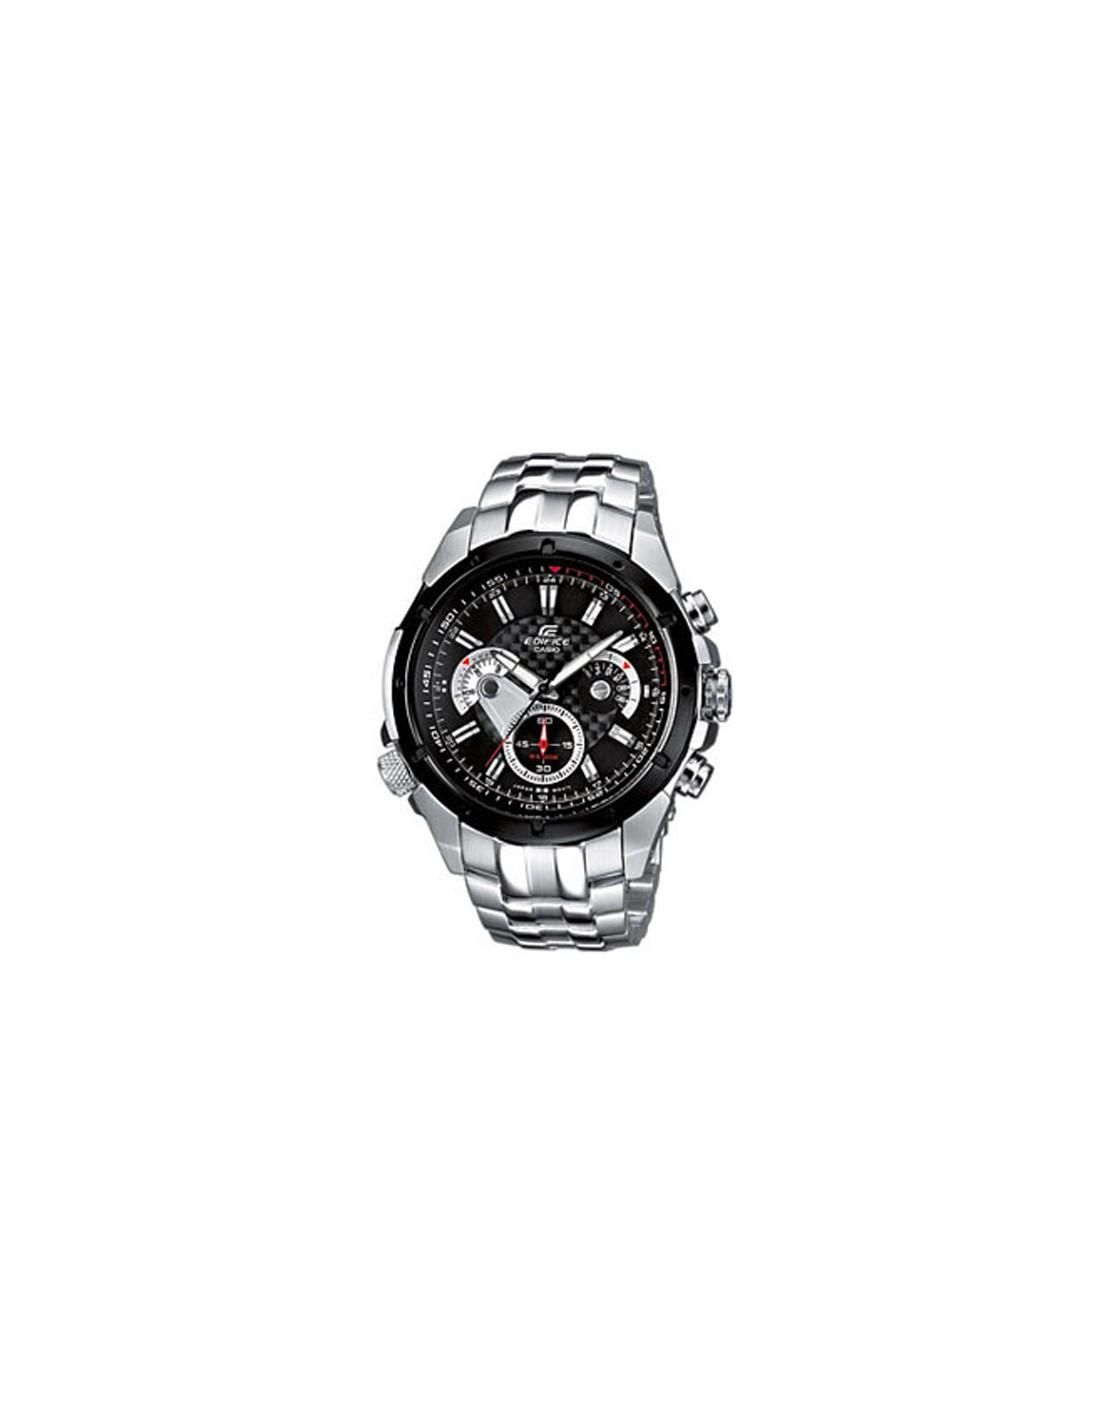 b68e5dcdc549 Reloj Casio Edifice EF-535SP-1AVEF